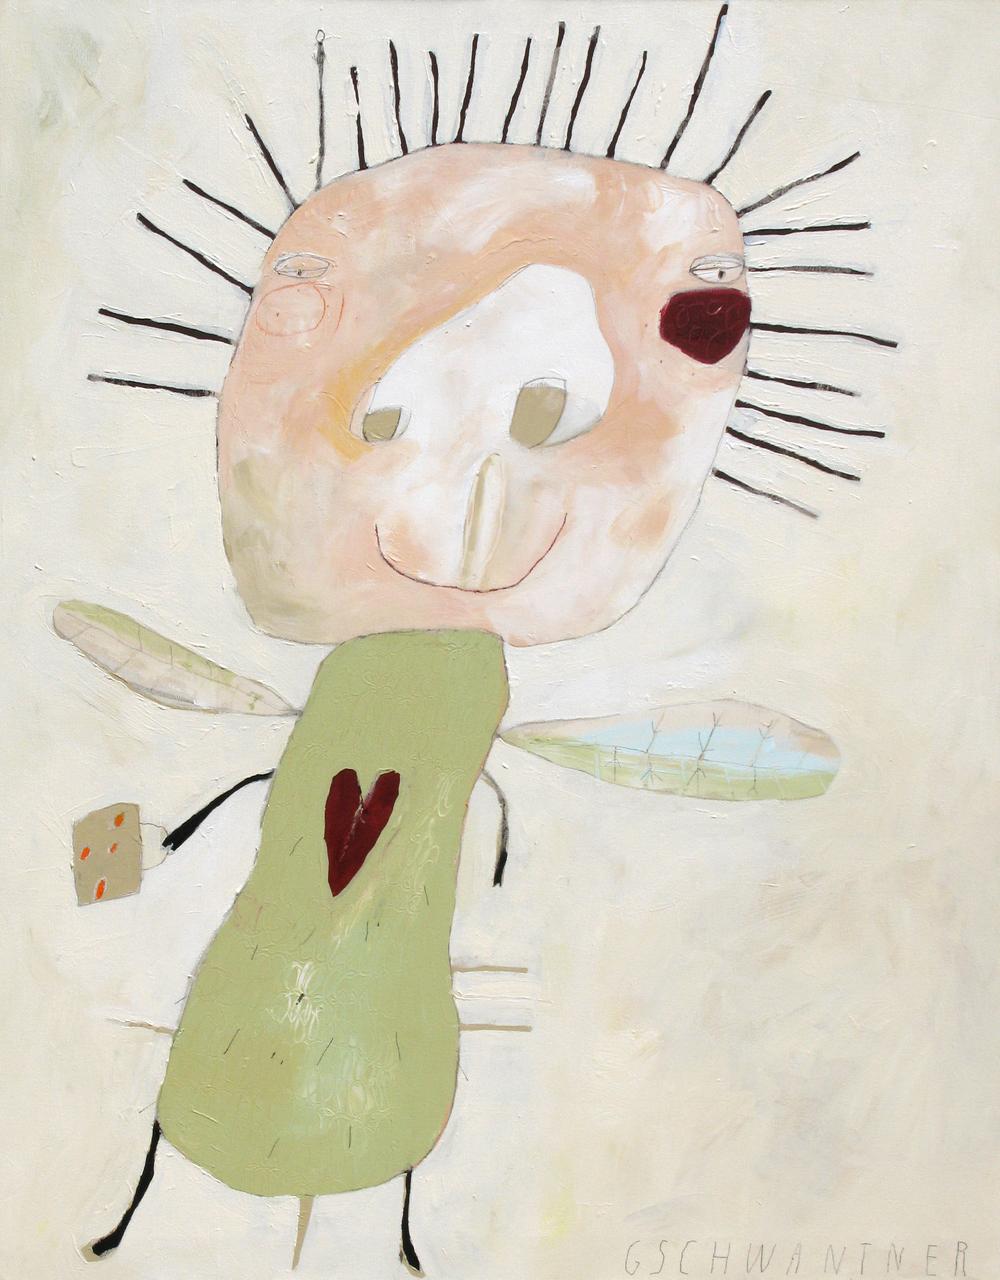 Grünes Herzwesen, 2008, 103 x 133